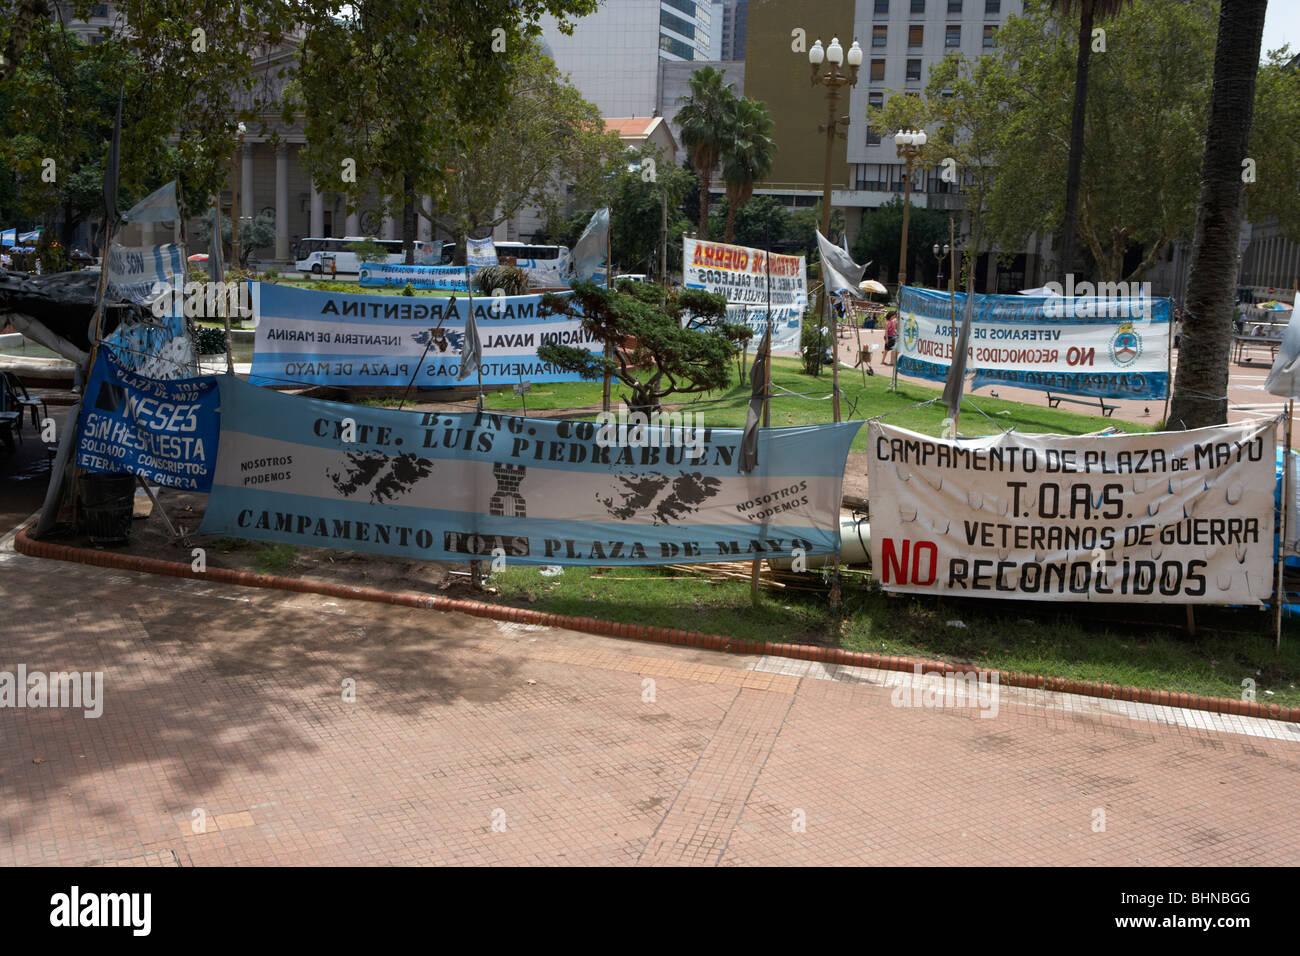 las malvinas veterans memorial protest plaza de mayo buenos aires republic of argentina south america - Stock Image